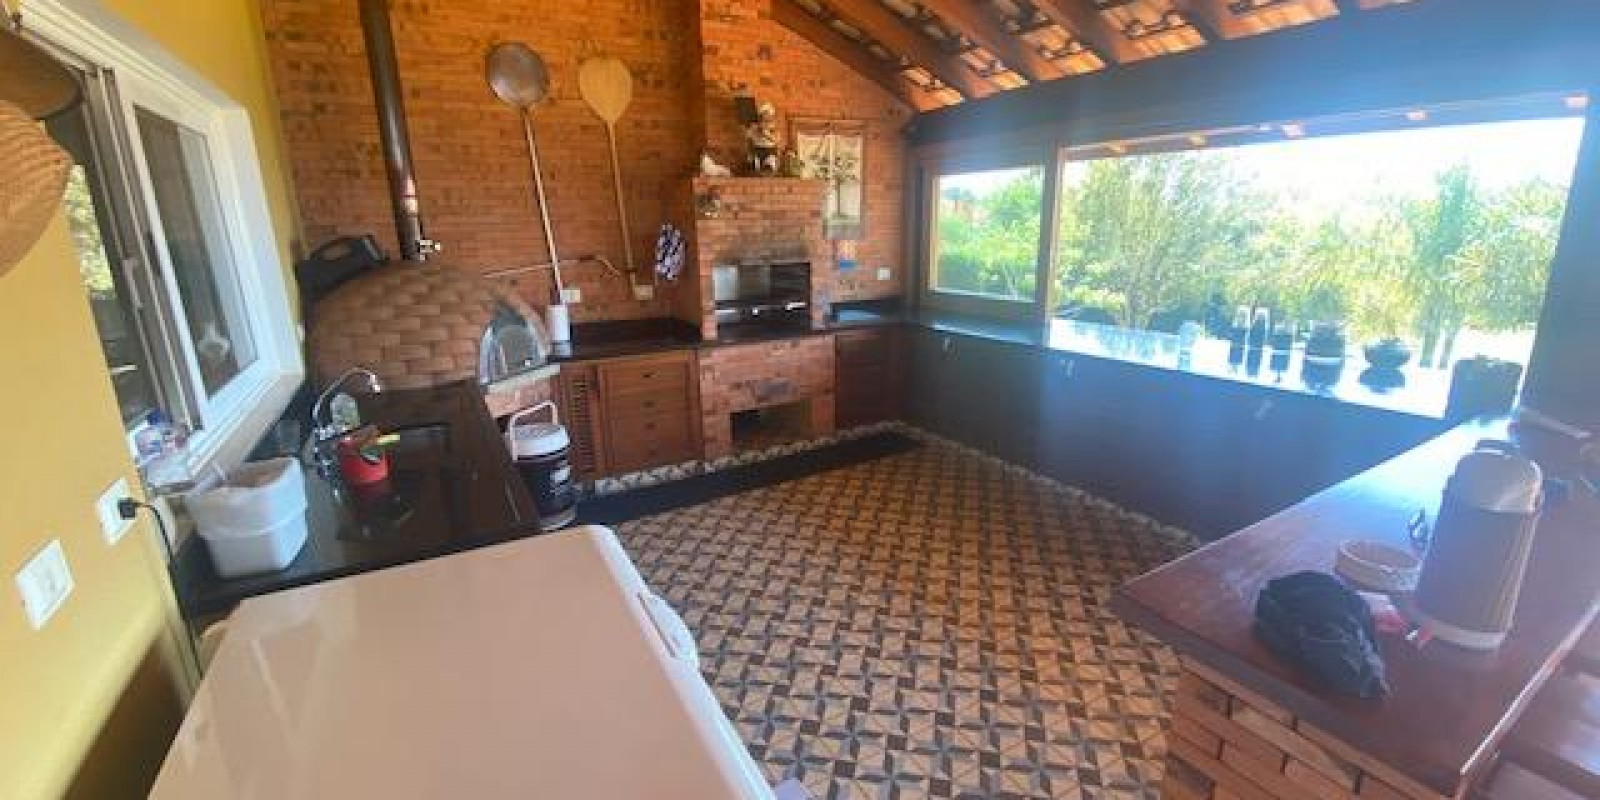 Casa na Represa no Condomínio Parque Náutico em Avaré SP  - Foto 20 de 57